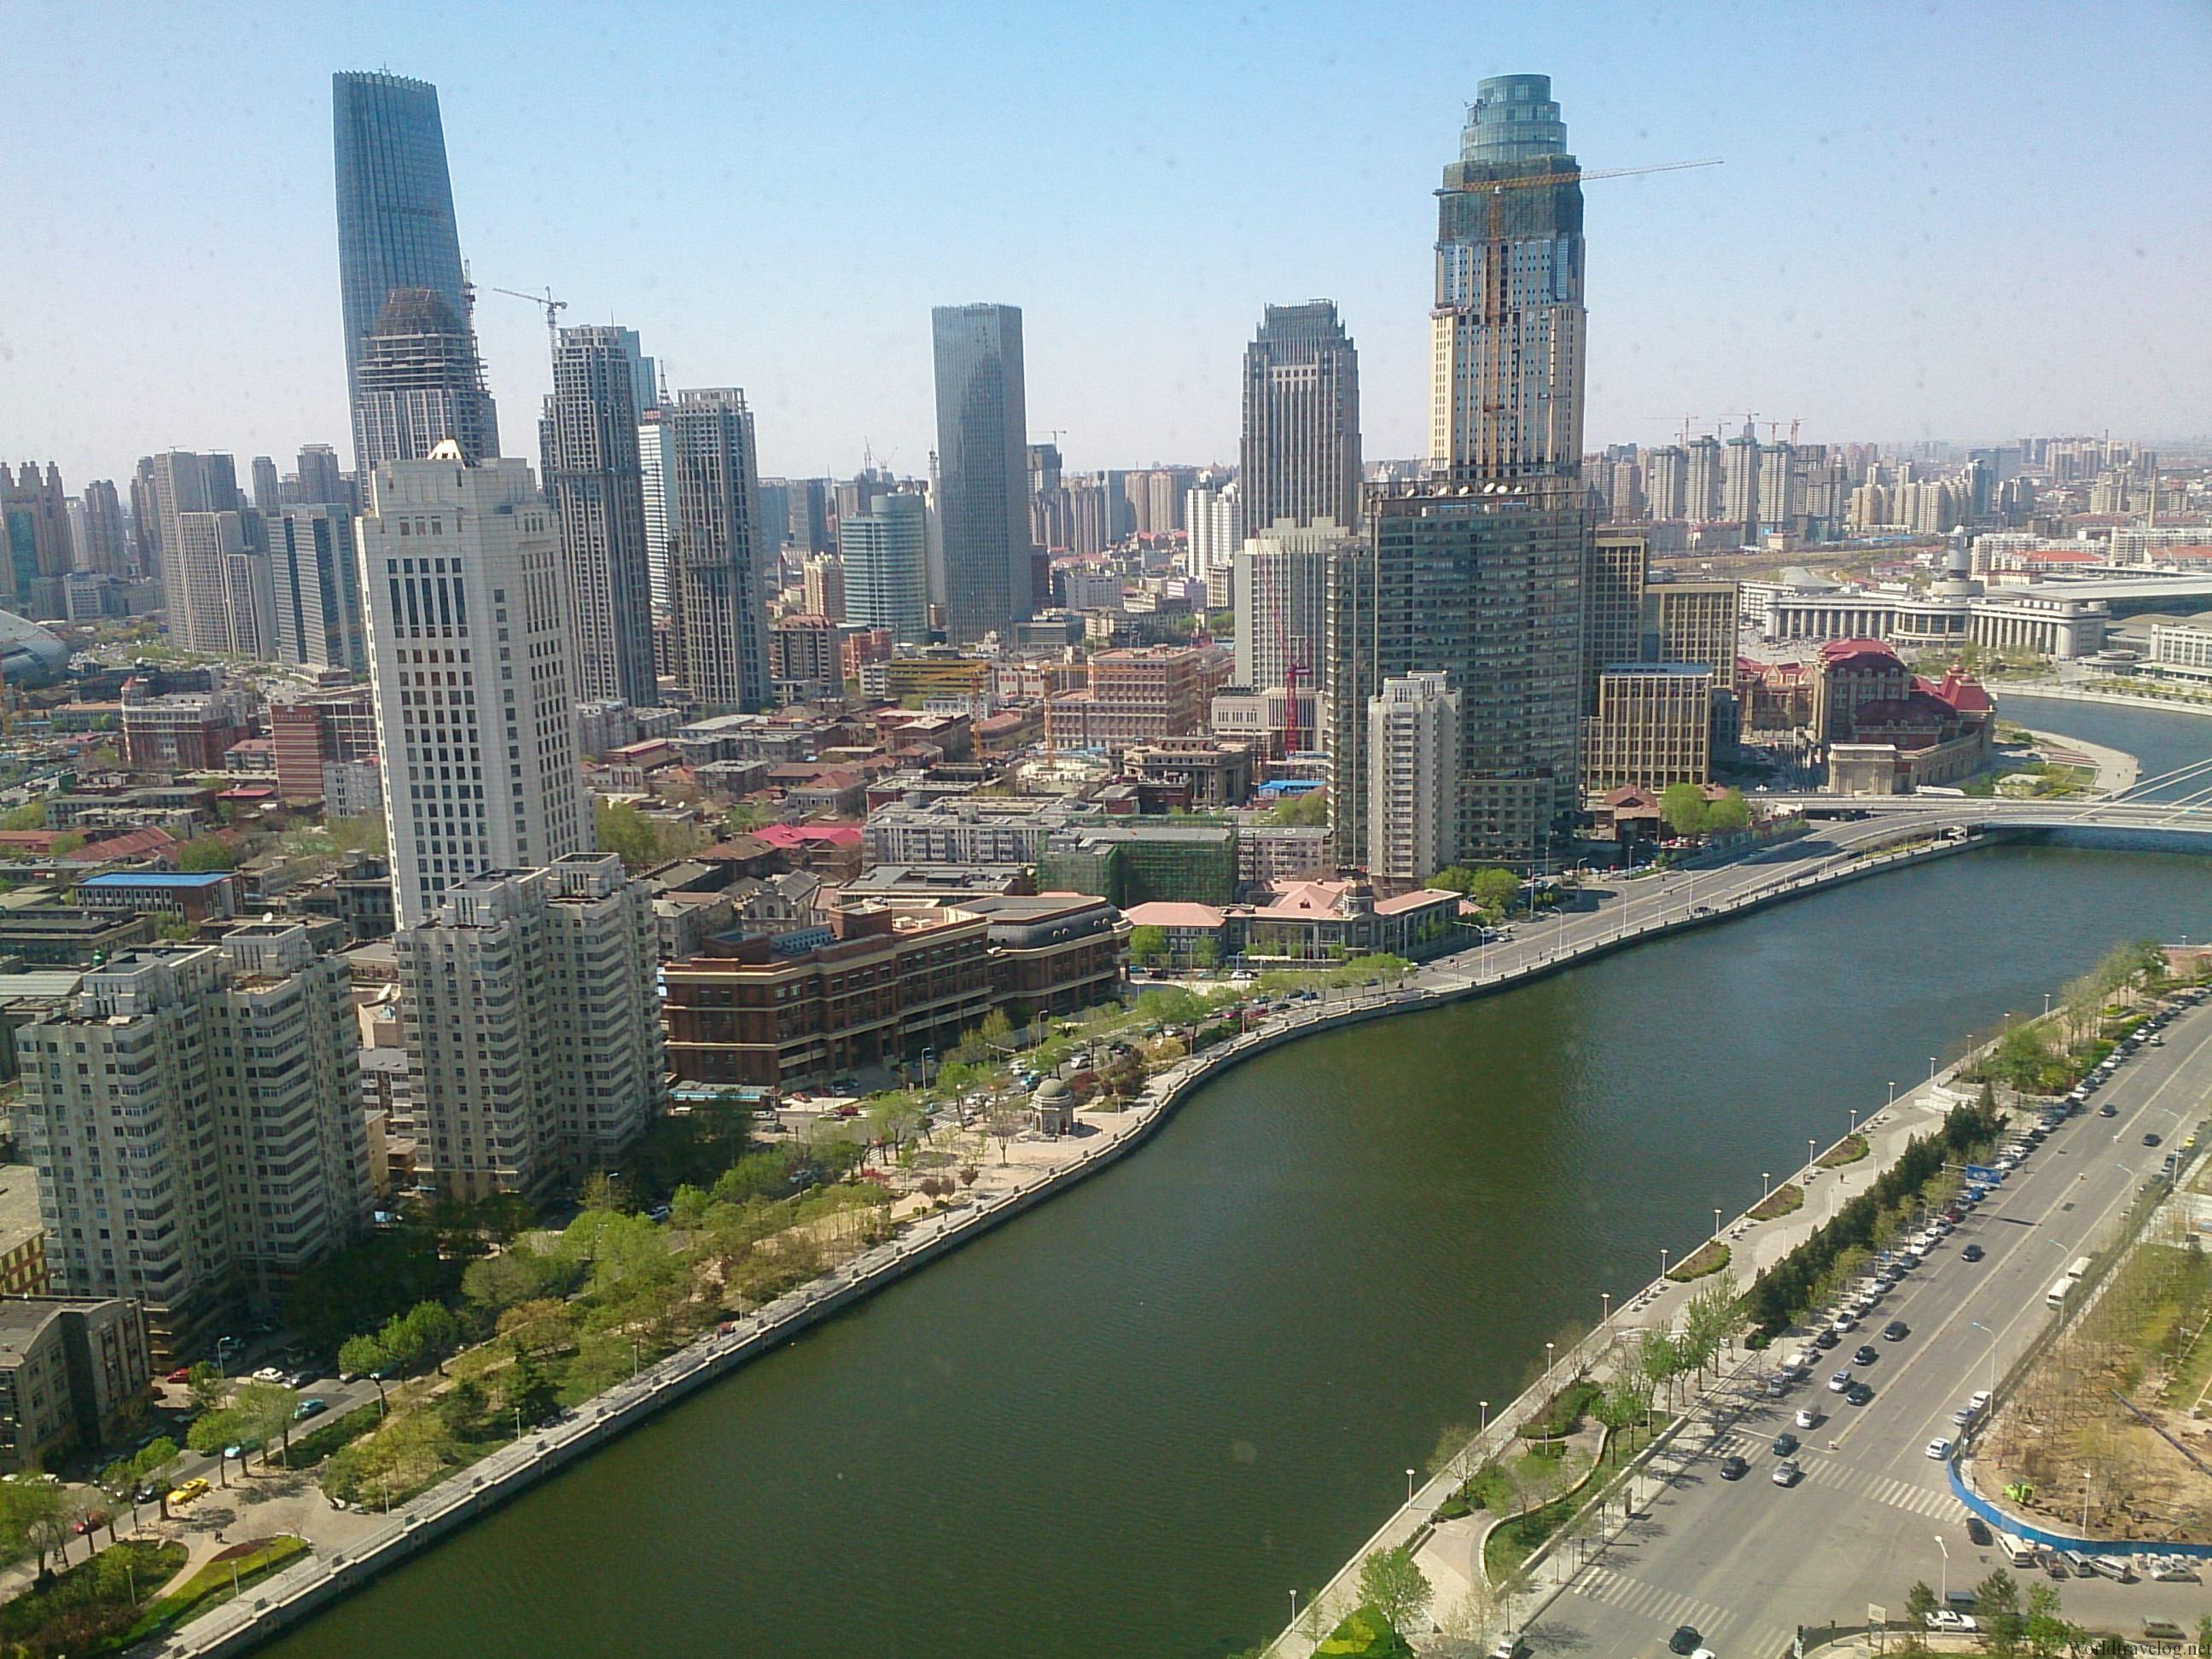 シャングリラ天津 クラブルーム宿泊記/Shangri-la Tianjin